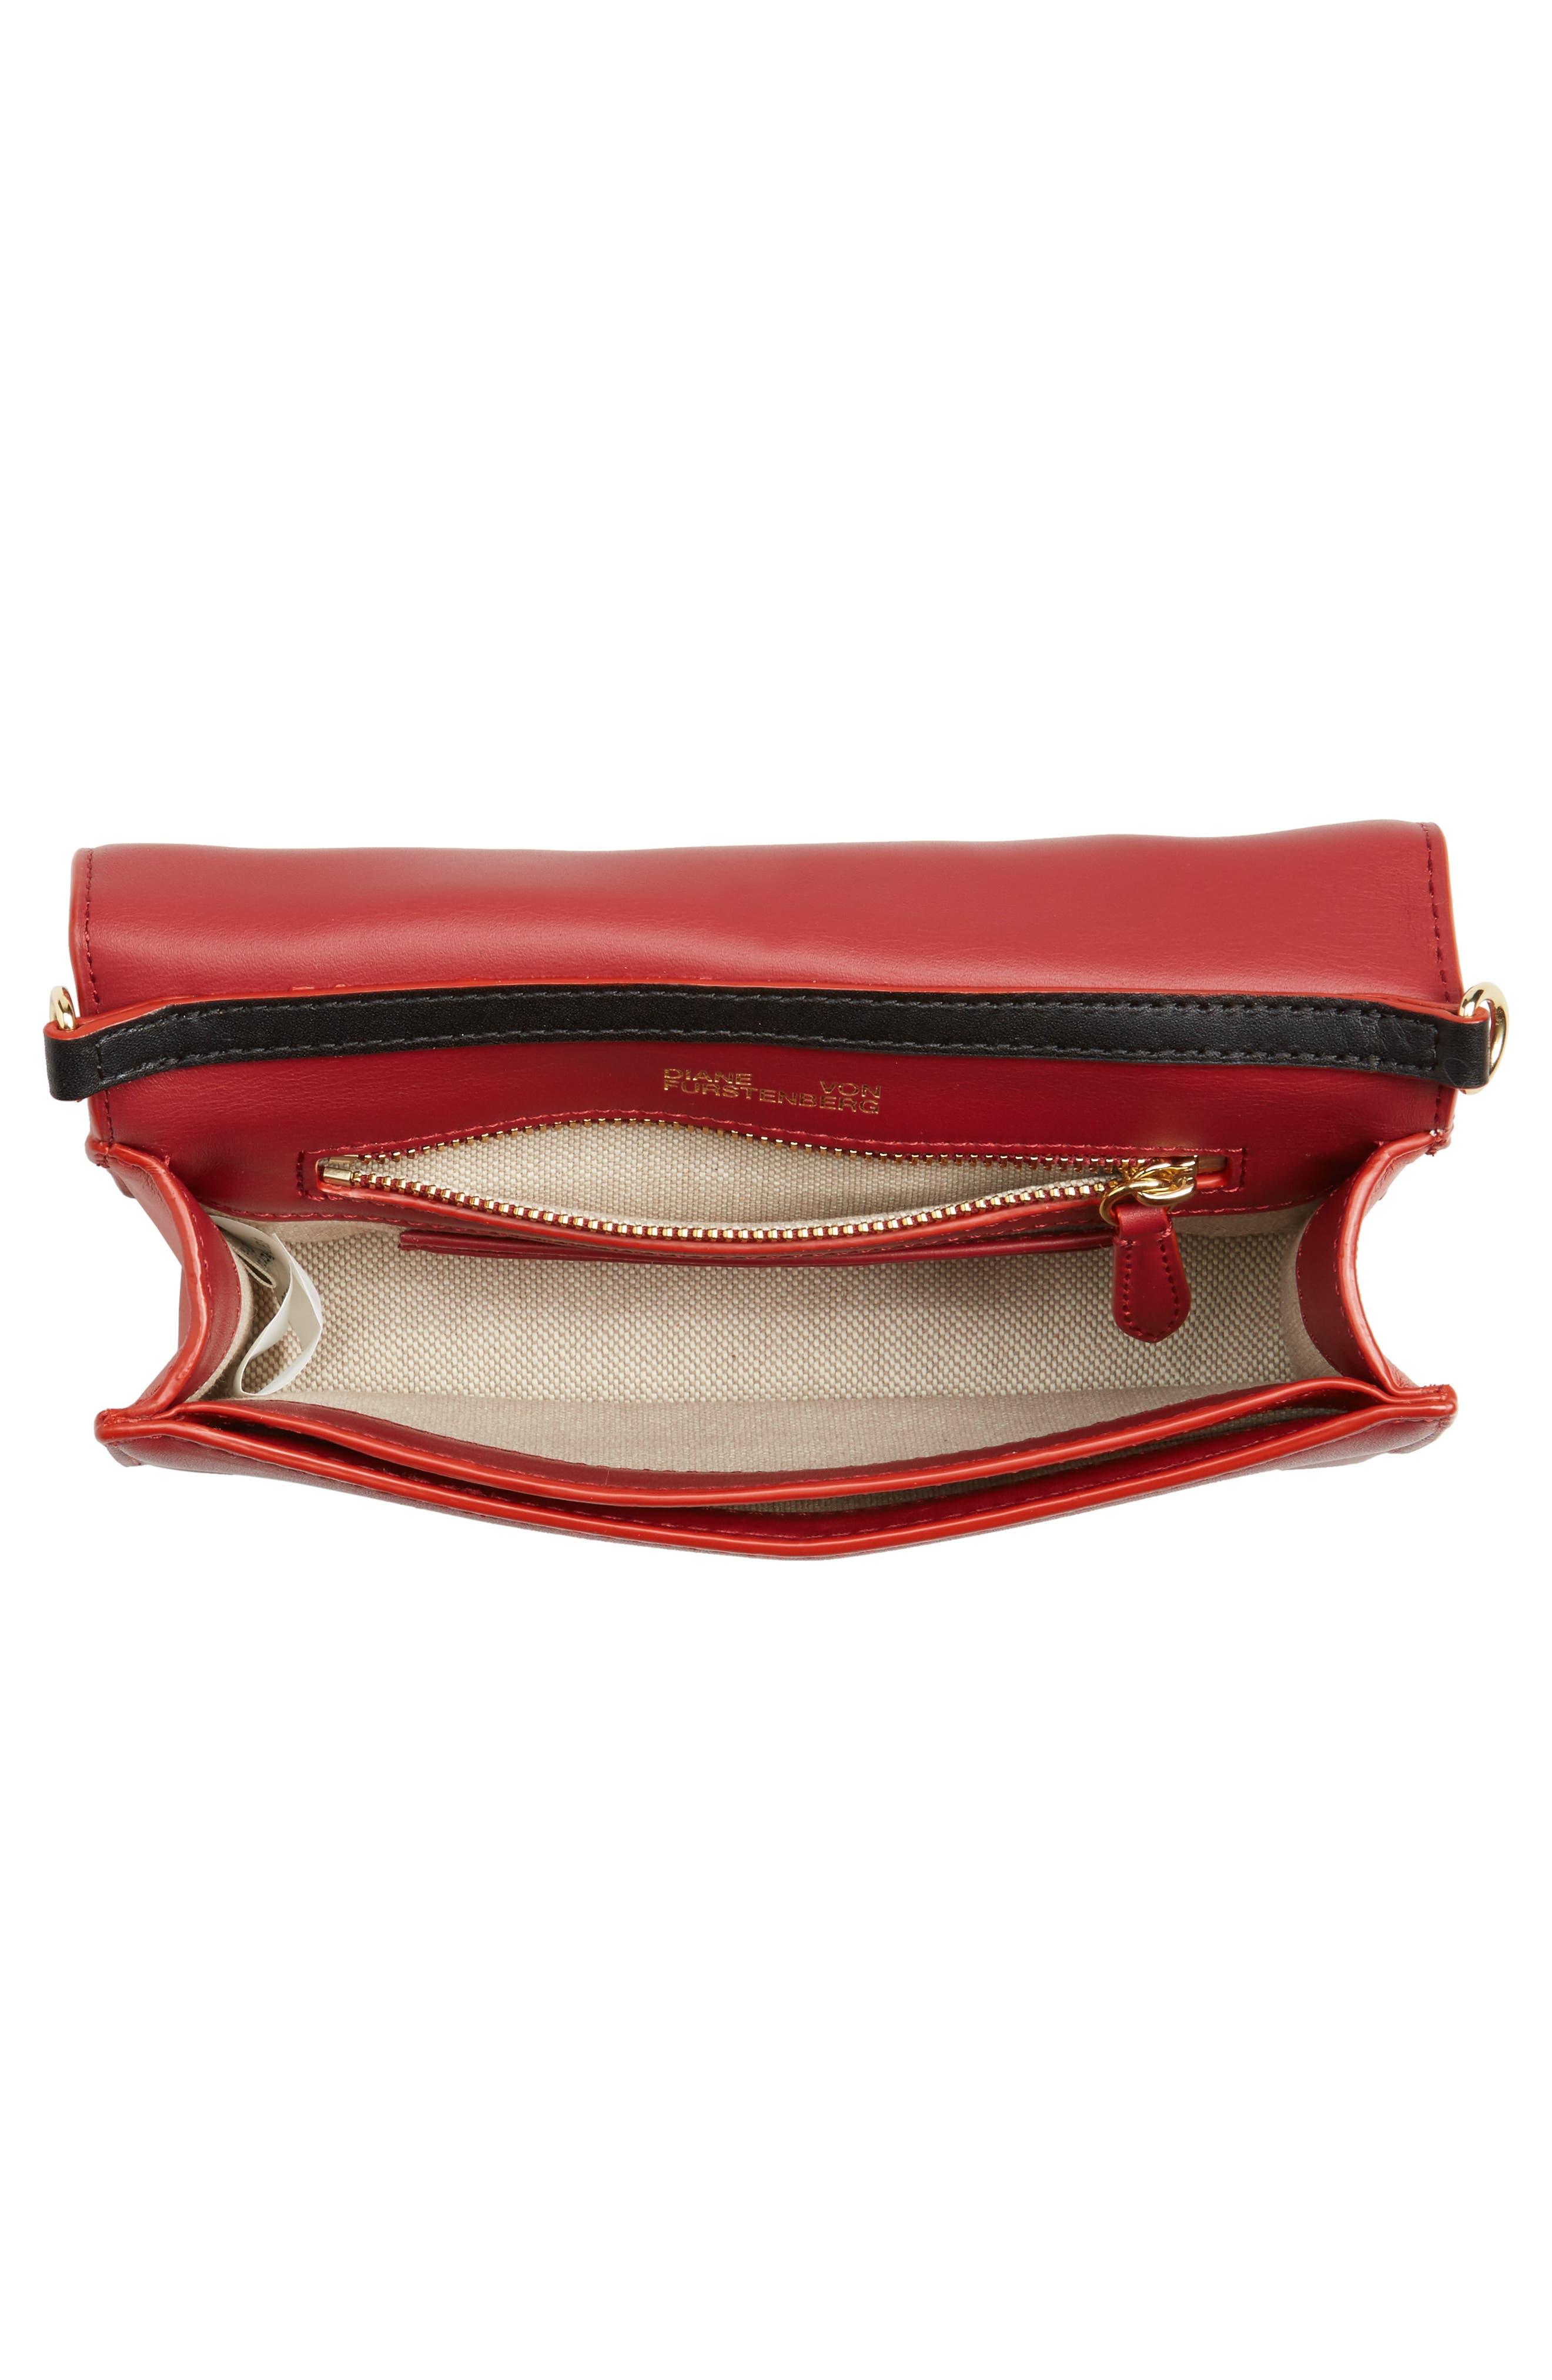 Soirée Genuine Calf Hair & Leather Convertible Shoulder Bag,                             Alternate thumbnail 4, color,                             Mauve